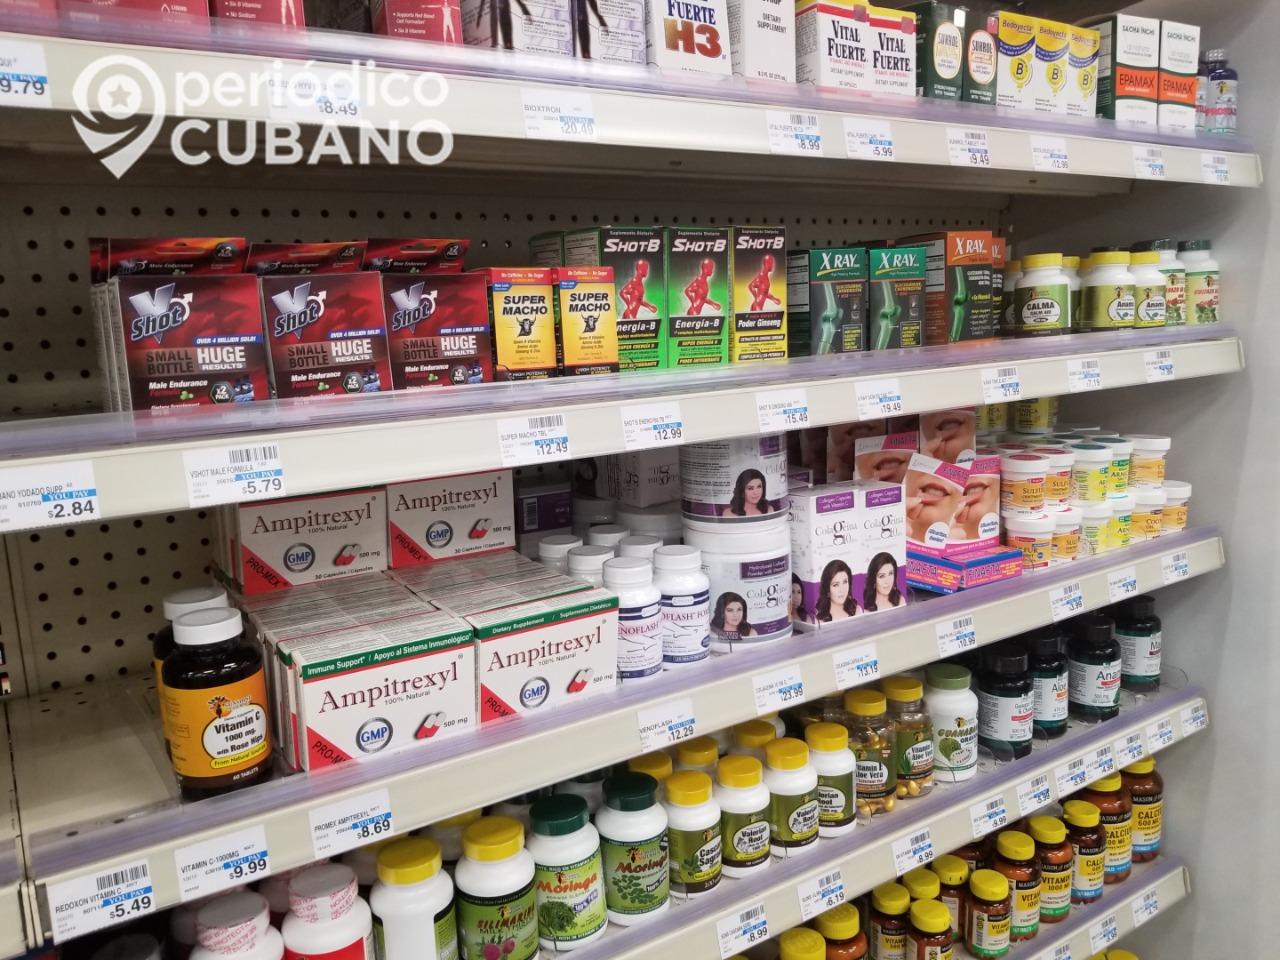 Noticias de Cuba más leídas hoy: Díaz-Canel ordena al Minint no tener contemplación con la venta ilegal de medicamentos